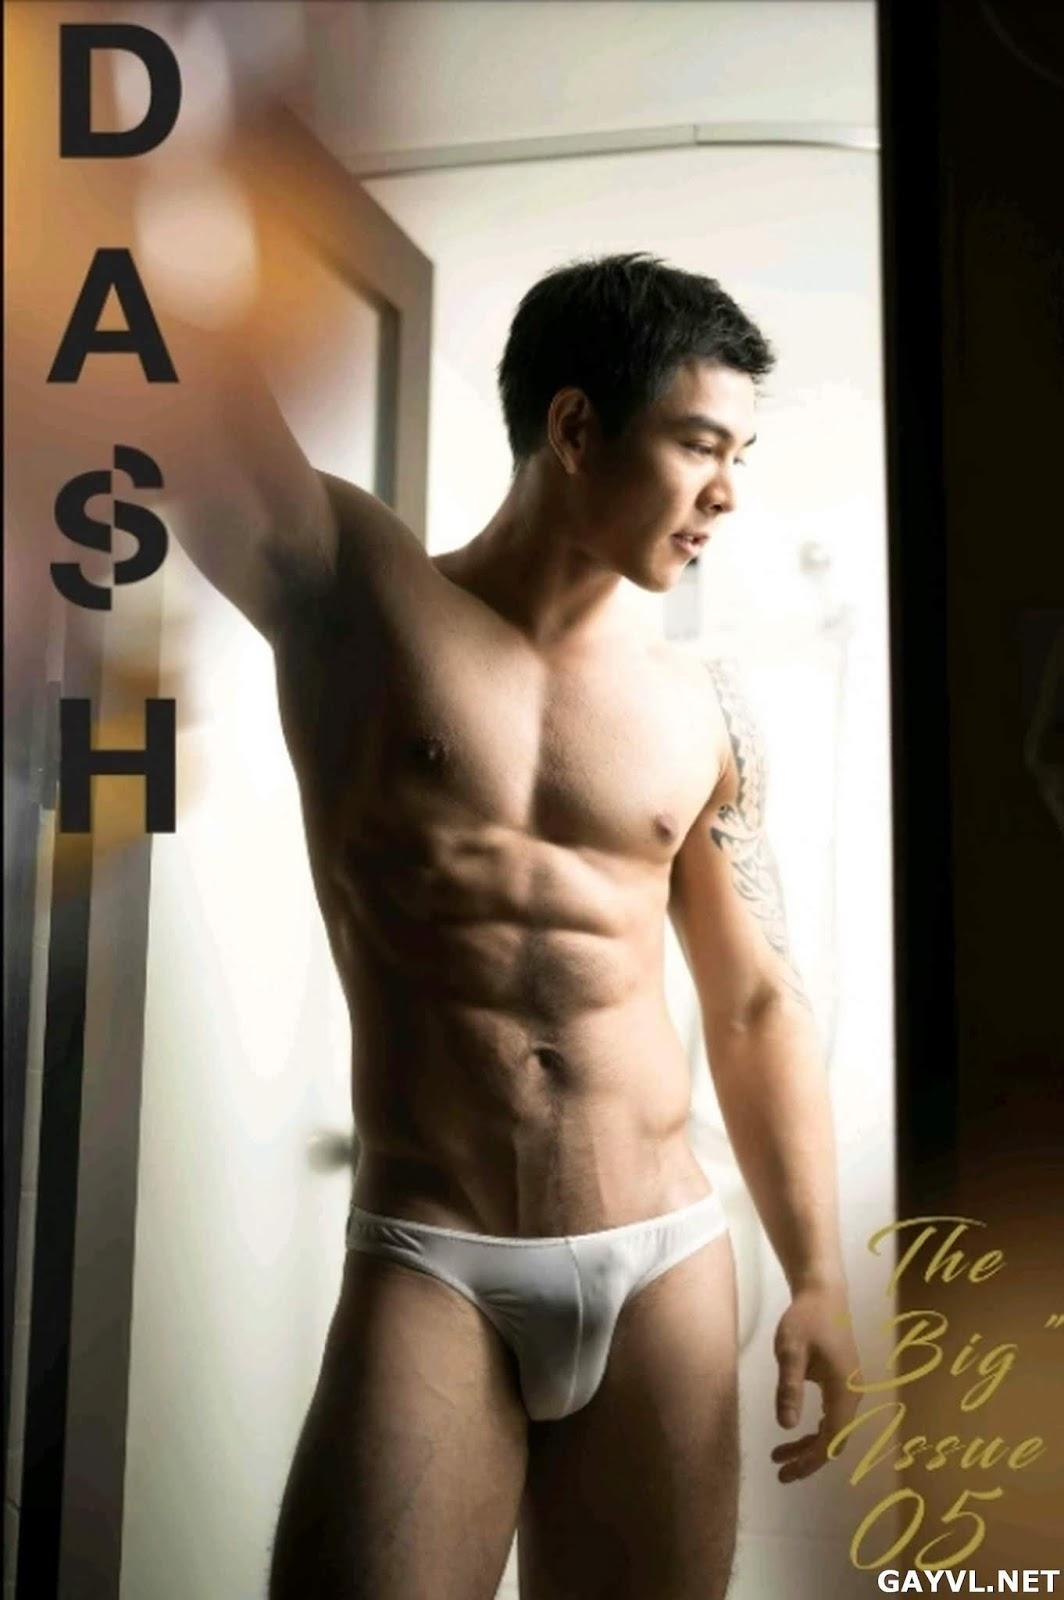 DasH 05 |The Big Issue [PHOTO+CLIP]